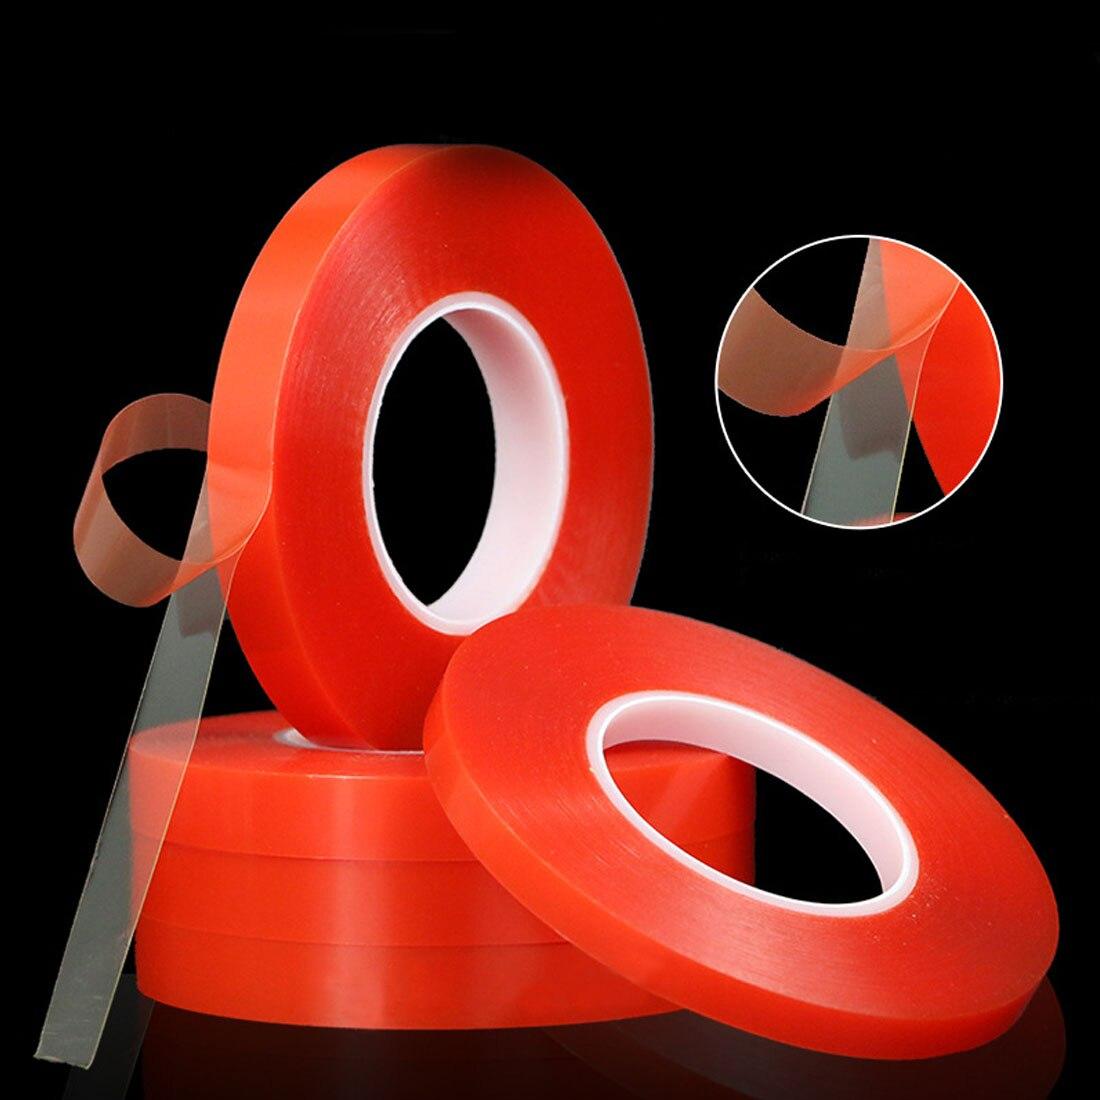 Double Face Bande 5mm 50 m Forte Adhésif Acrylique Rouge Film Autocollant Clair pour Mobile Téléphone LCD Panneau D'affichage écran De Réparation